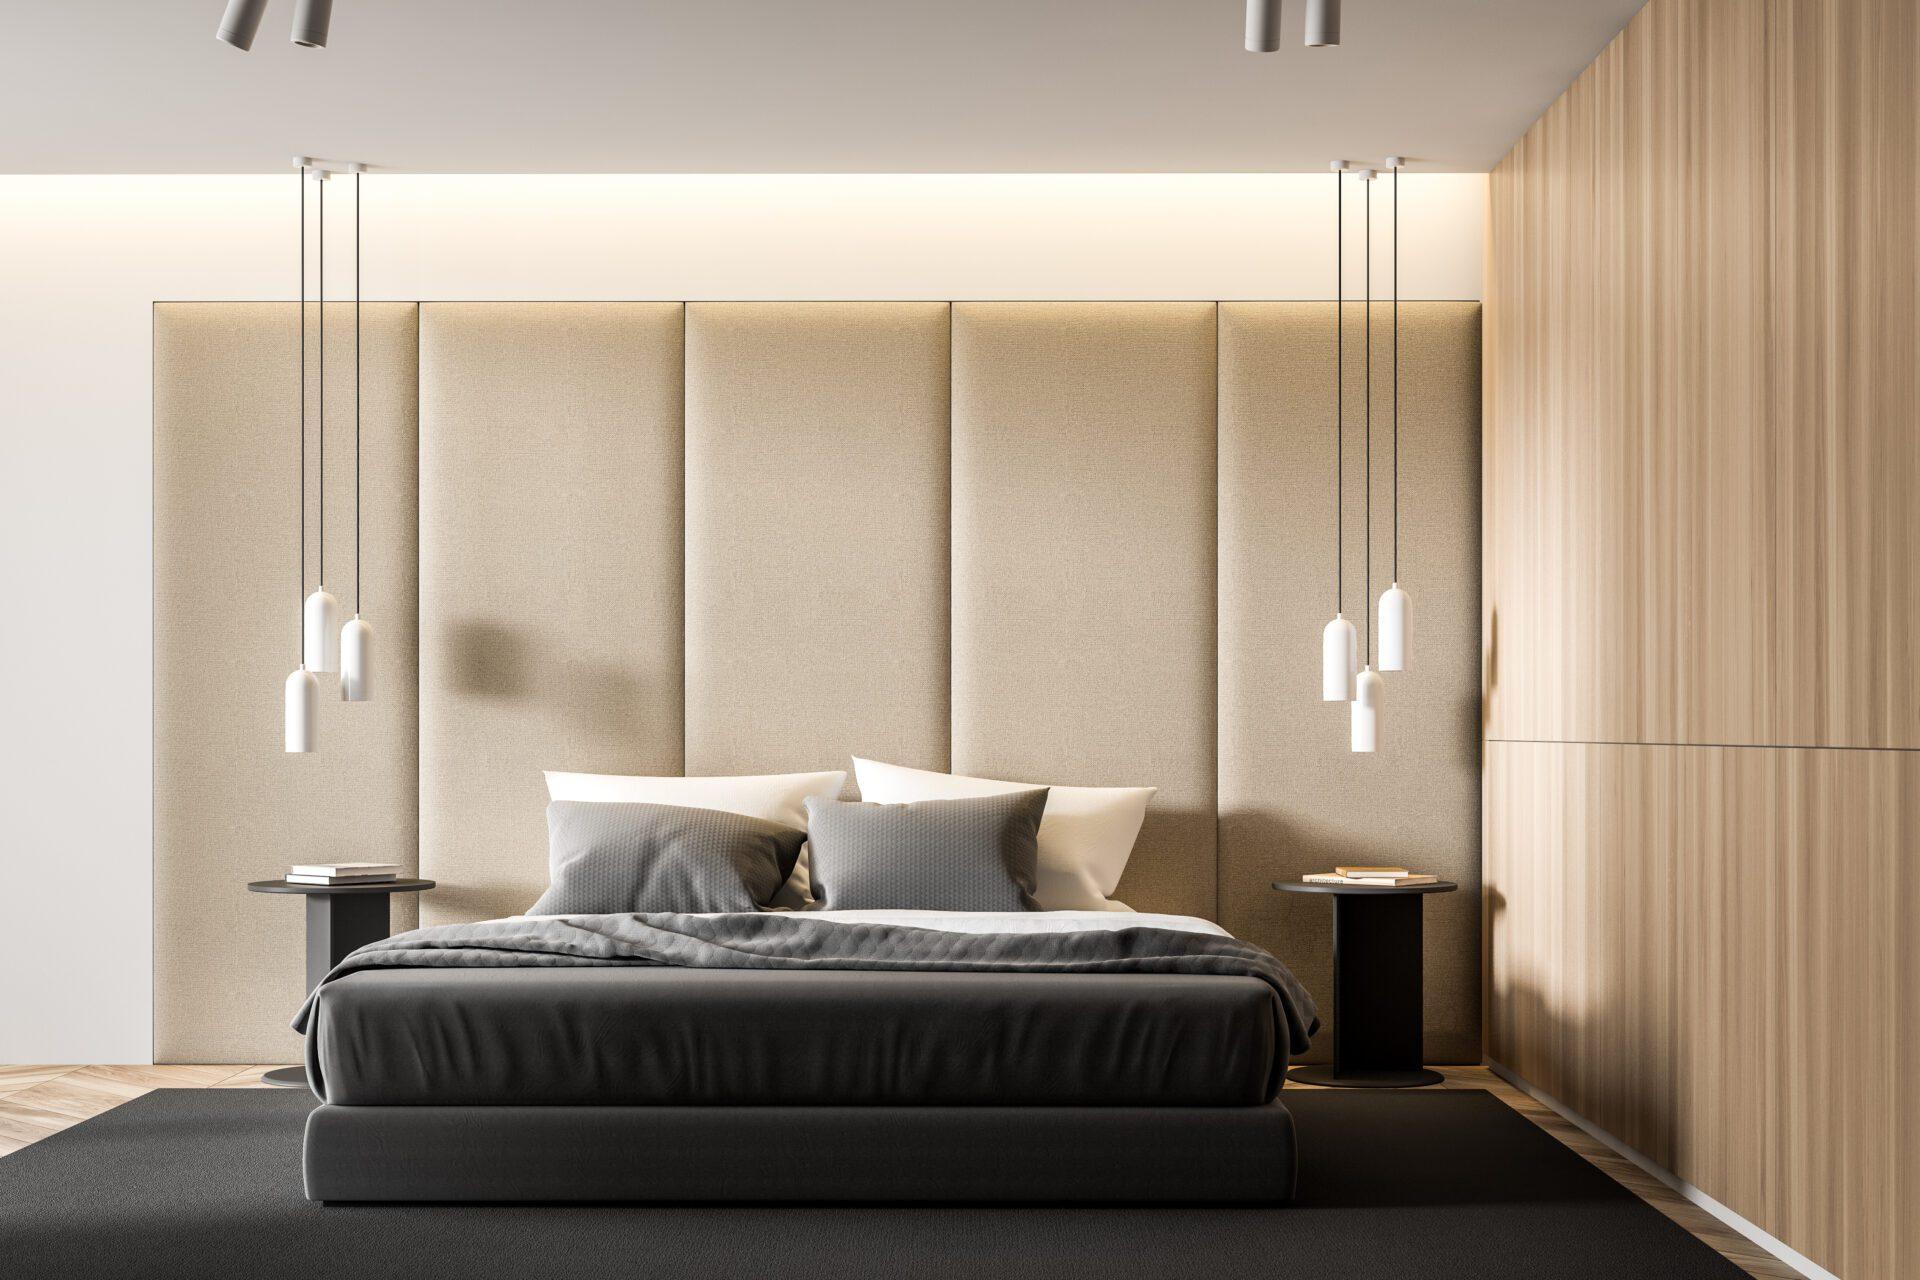 Blend-home-furnishings-alto-bed-upholstered-custom